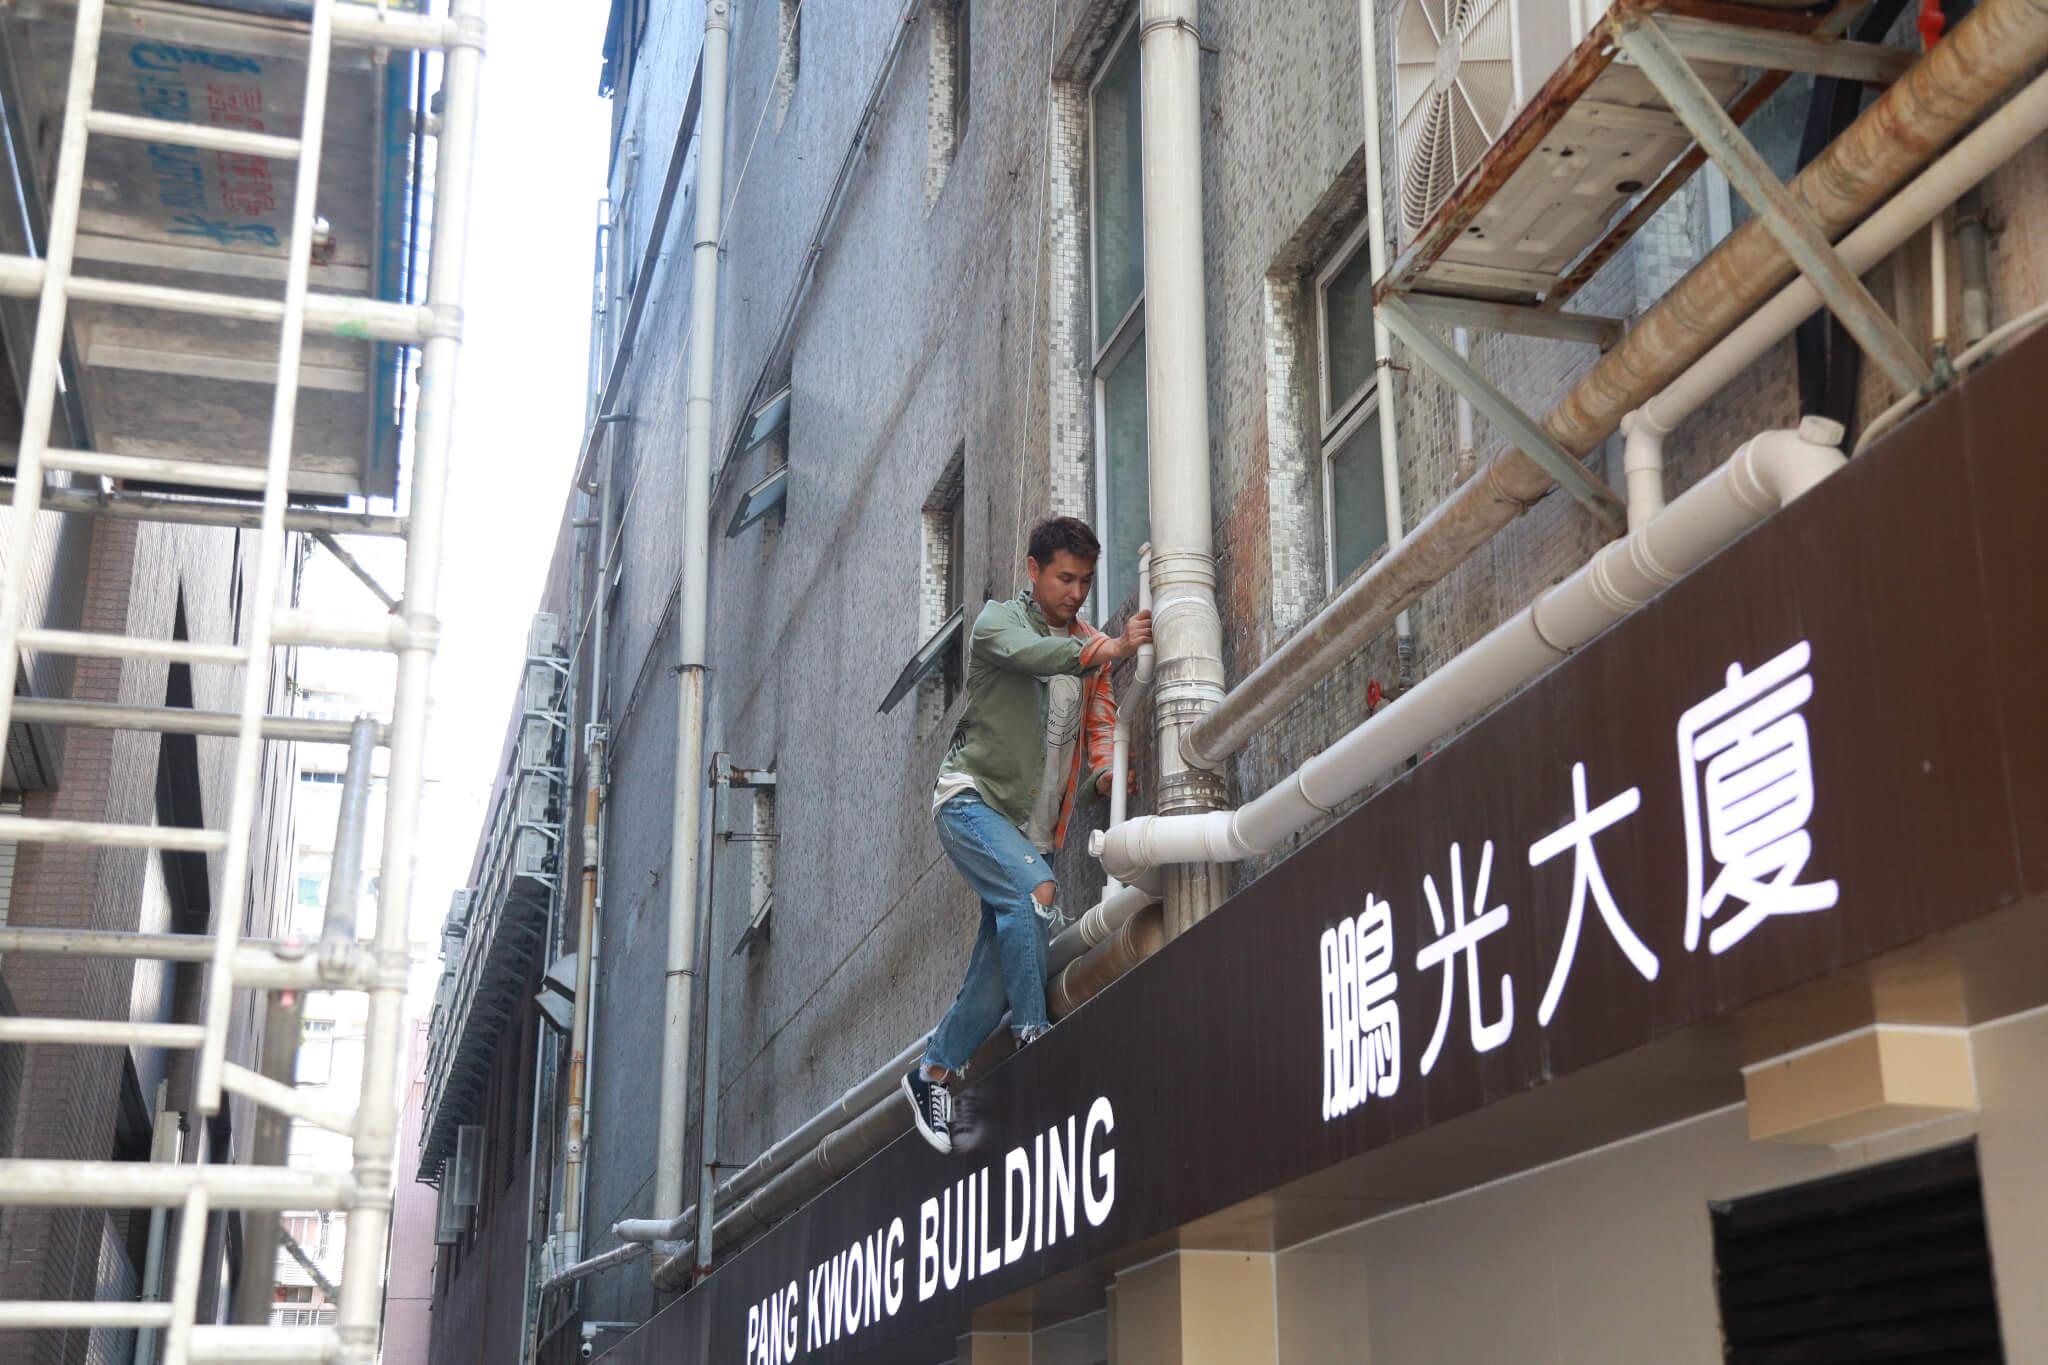 展鵬表示爬外牆比較簡單,盡量都會親自上陣。